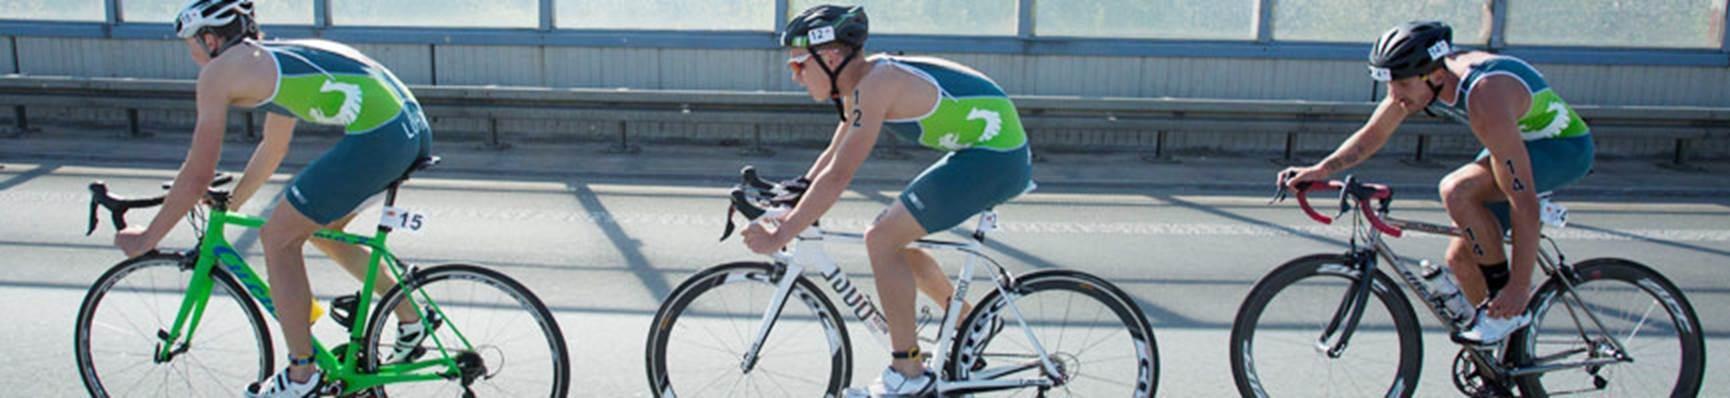 Athleten beim Radfahren